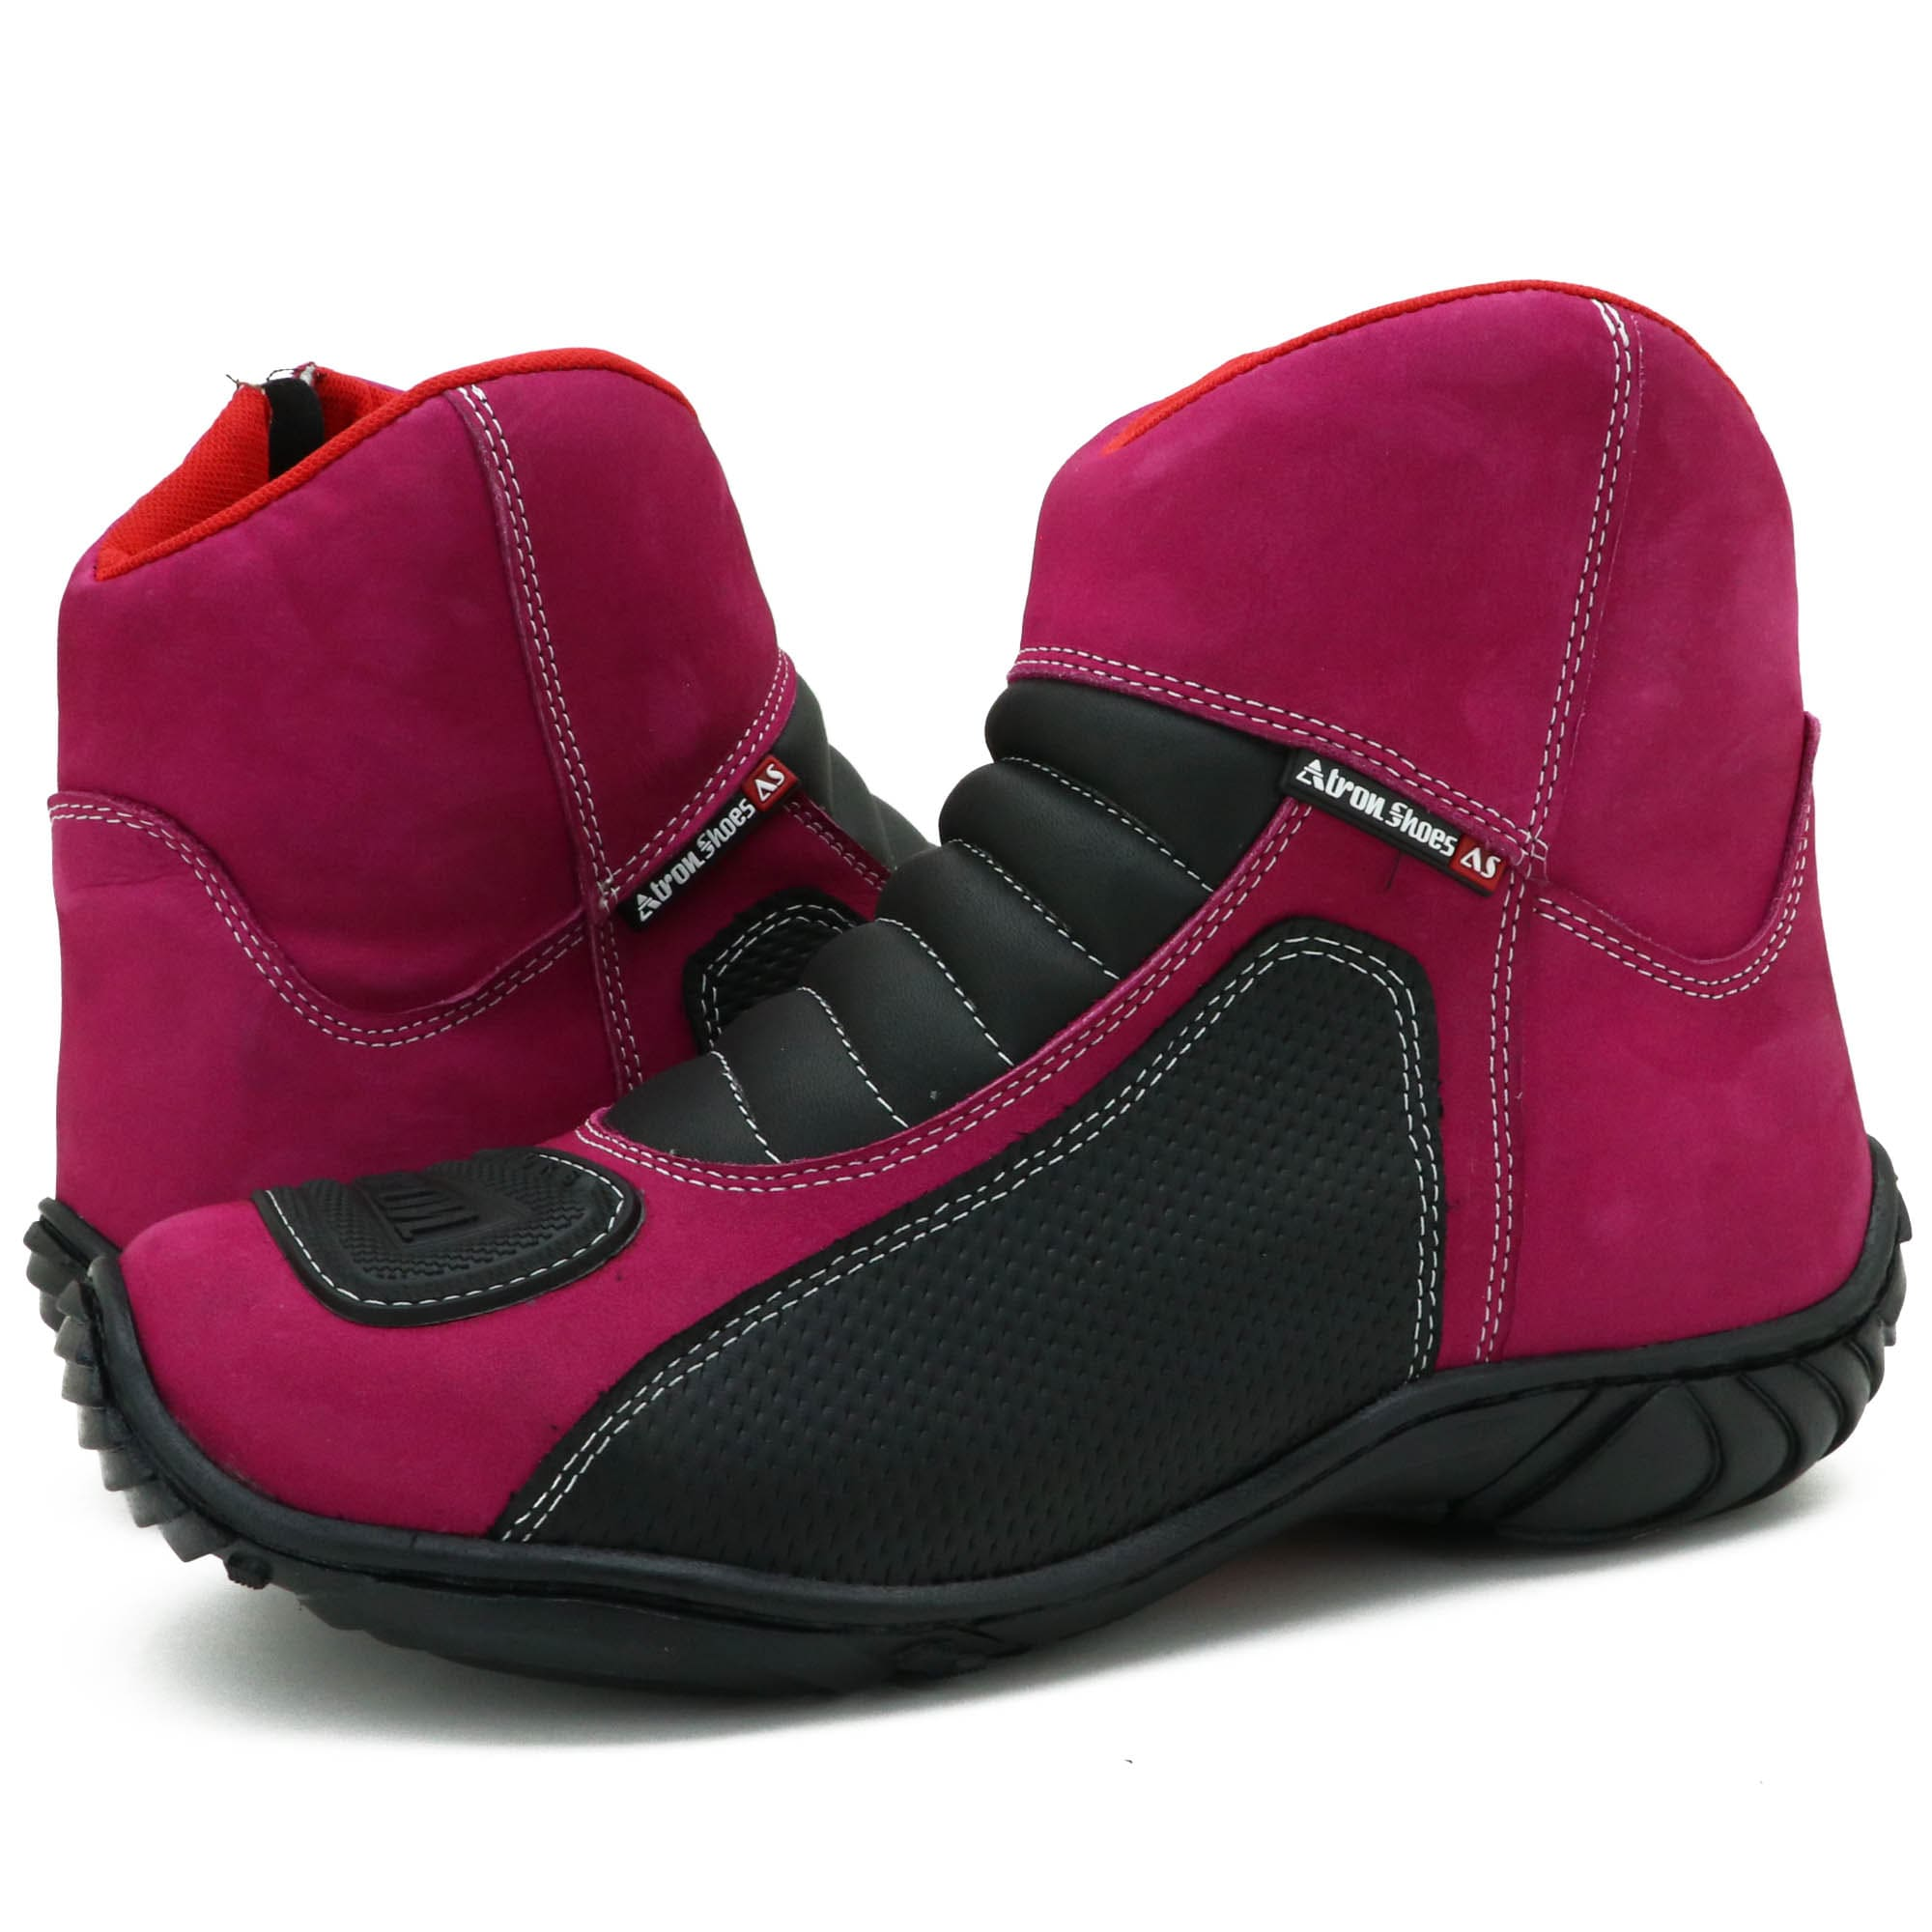 Bota feminina motociclista pink de couro legítimo semi impermeável 305